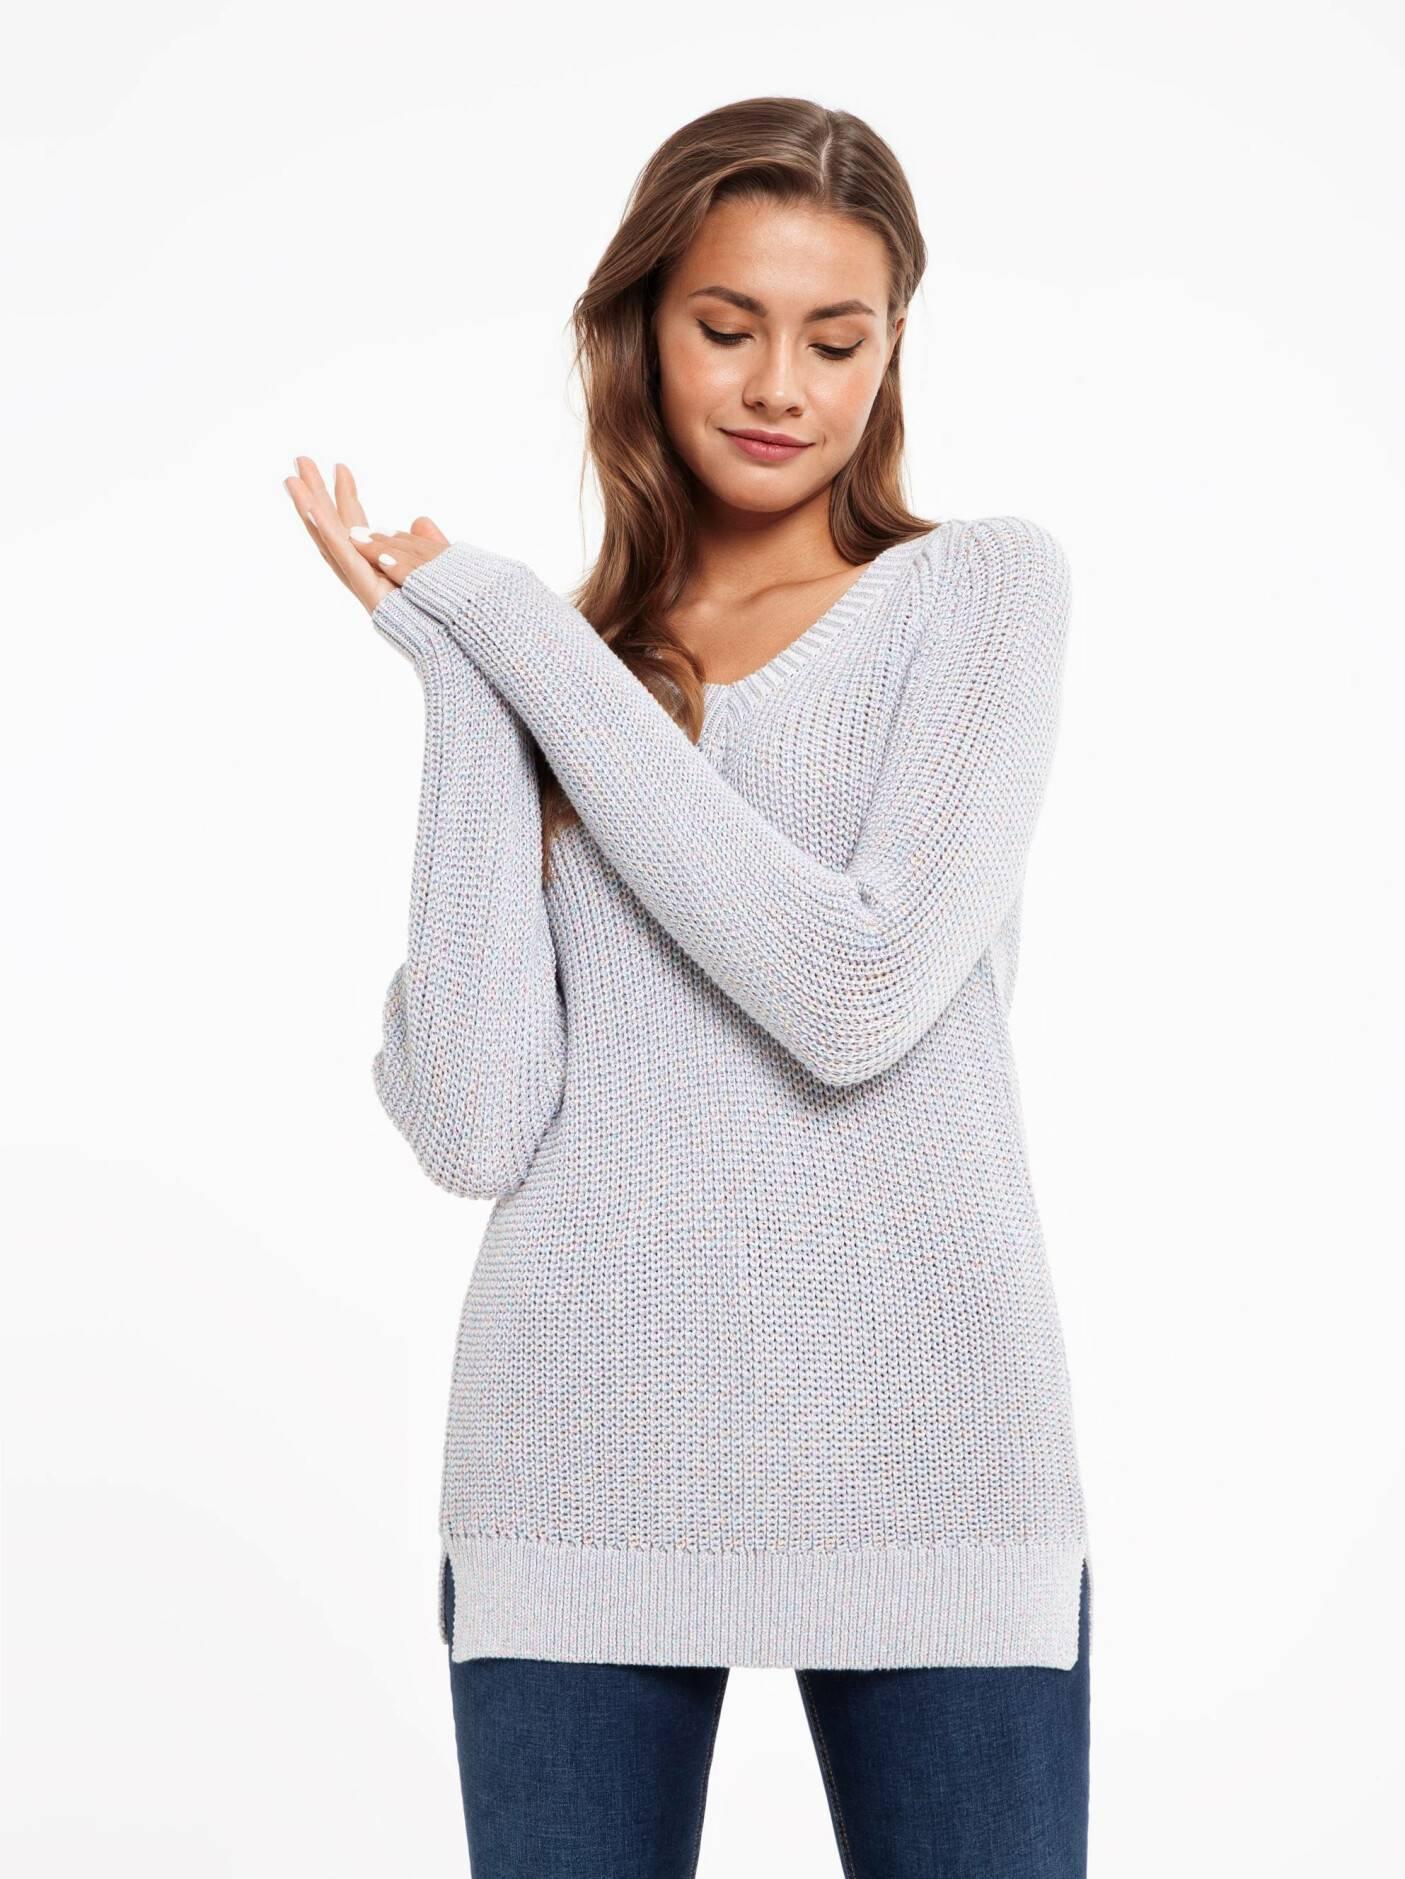 6ce433d9052b Джемпер женский Экстрамягкий удлиненный пуловер с объемной вязкой и  мерцающим ...